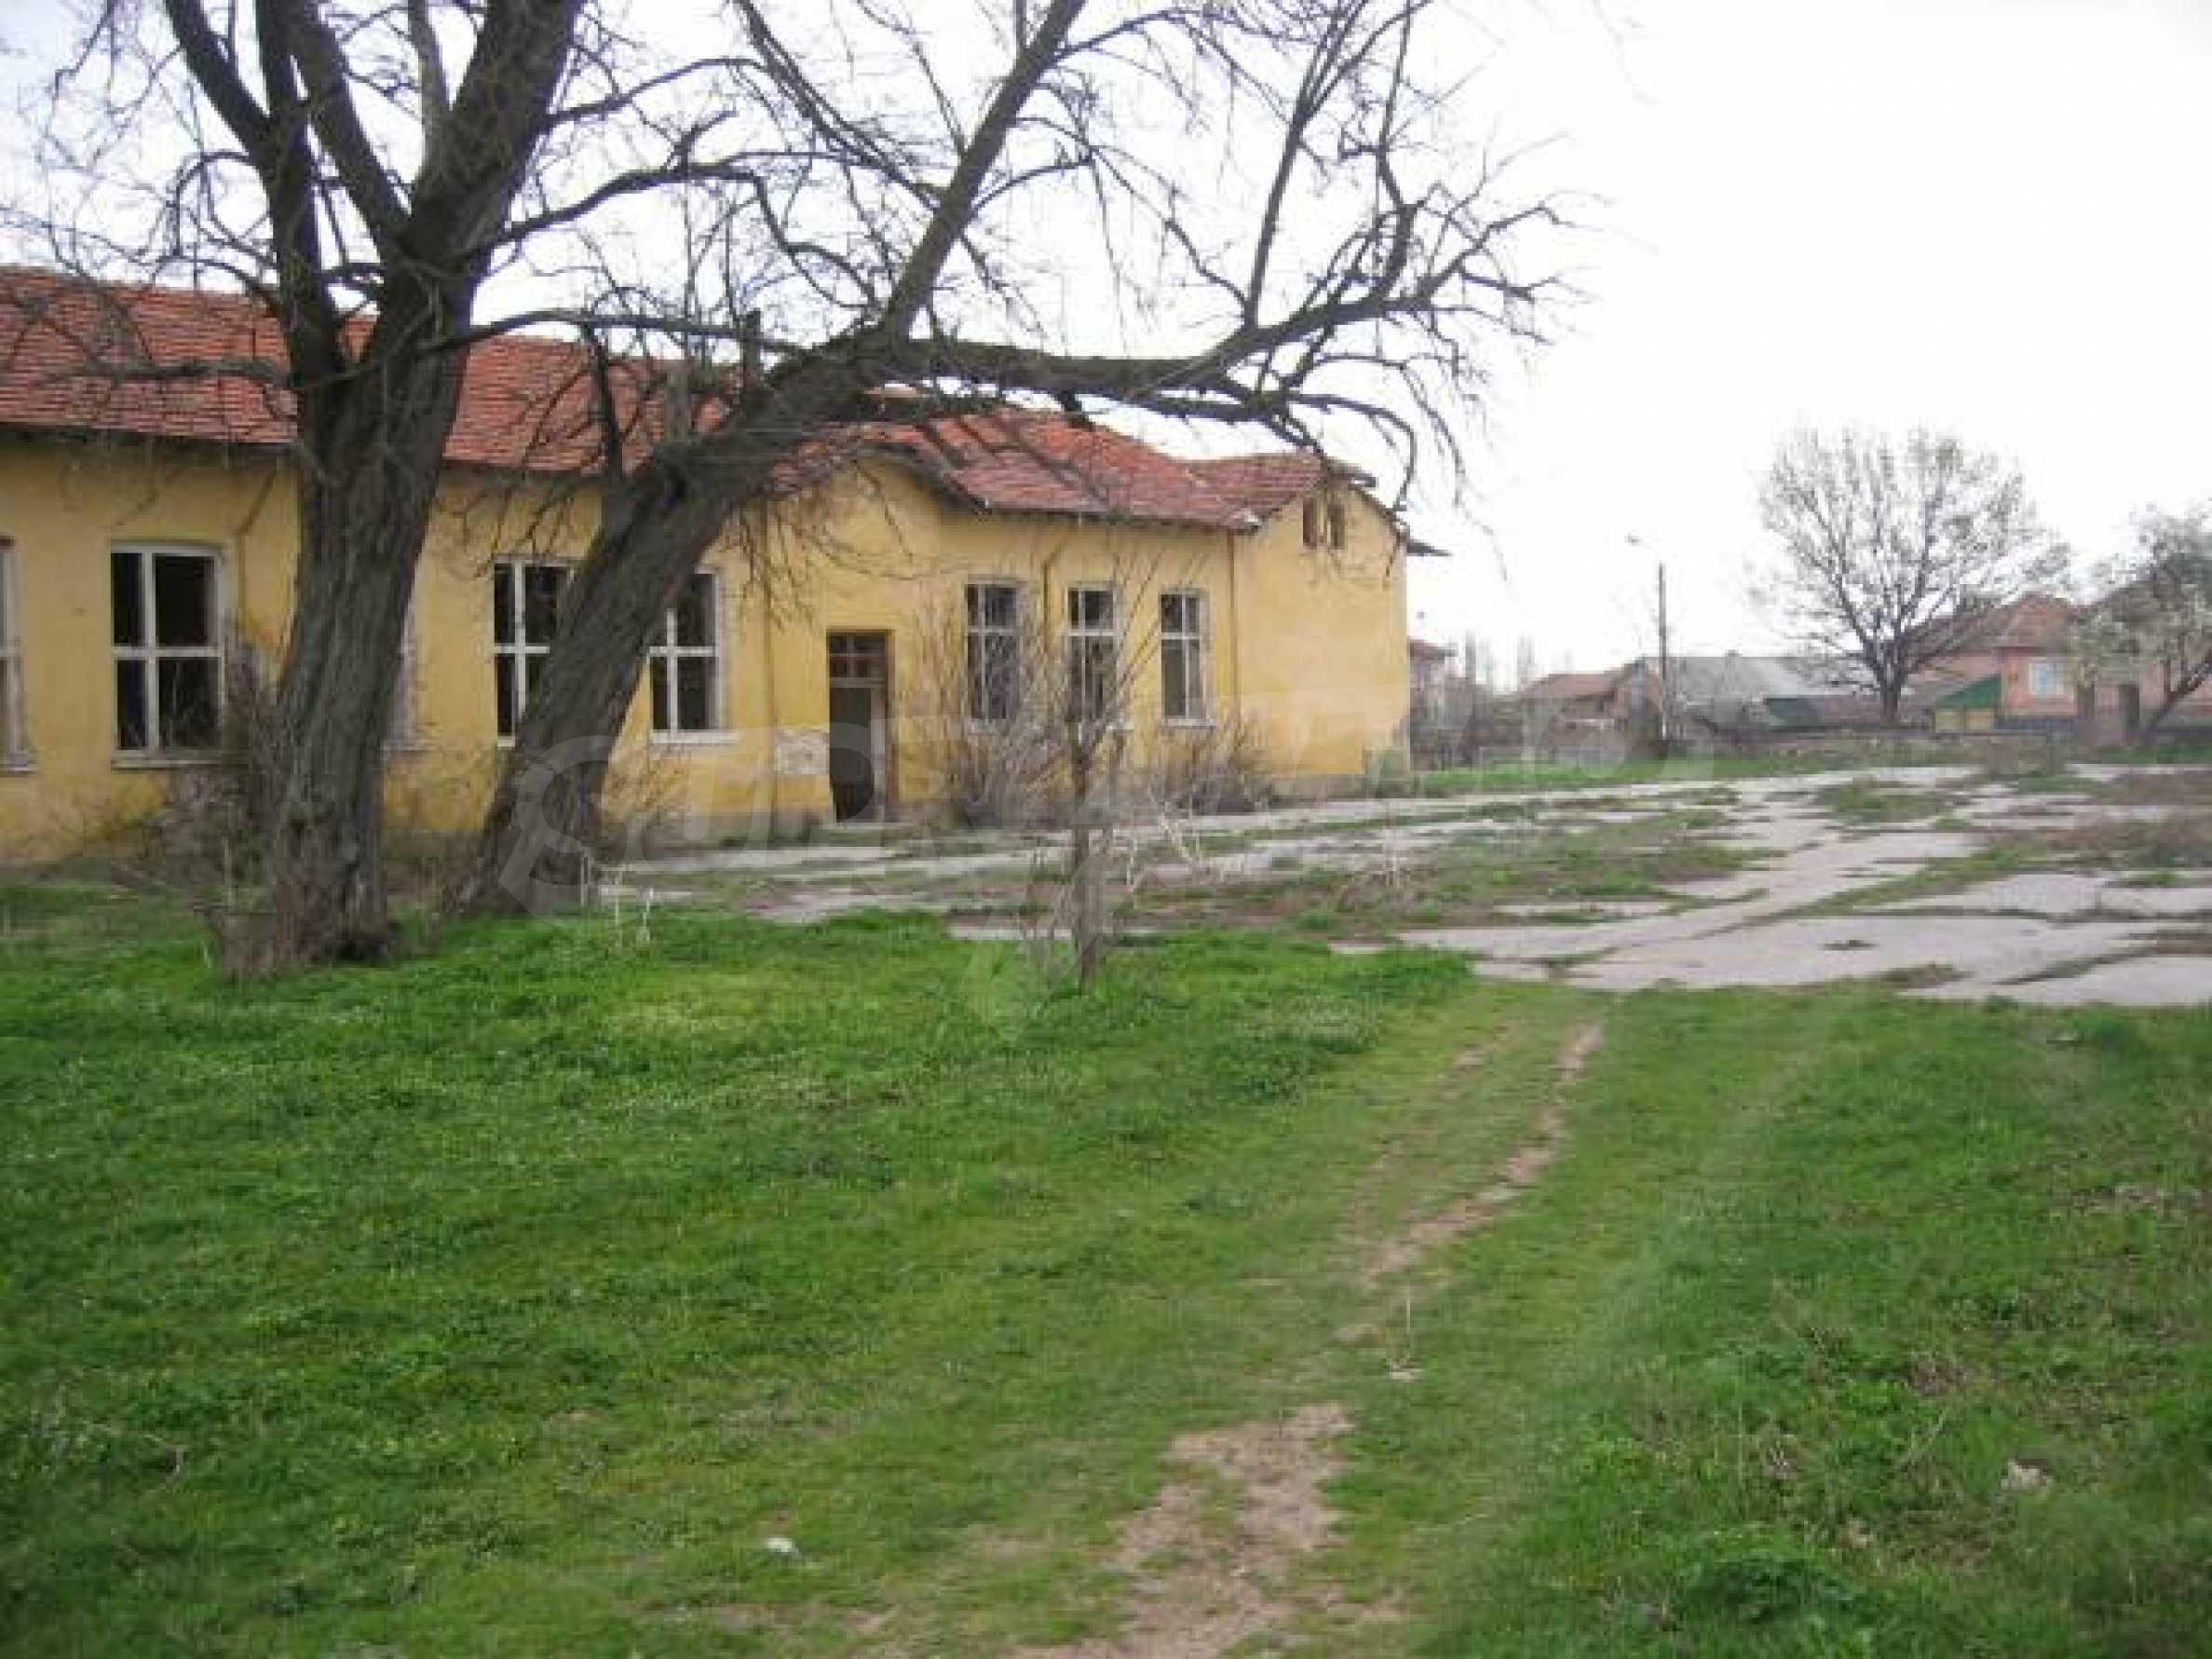 Другой тип недвижимости вблизи г. Хасково 4